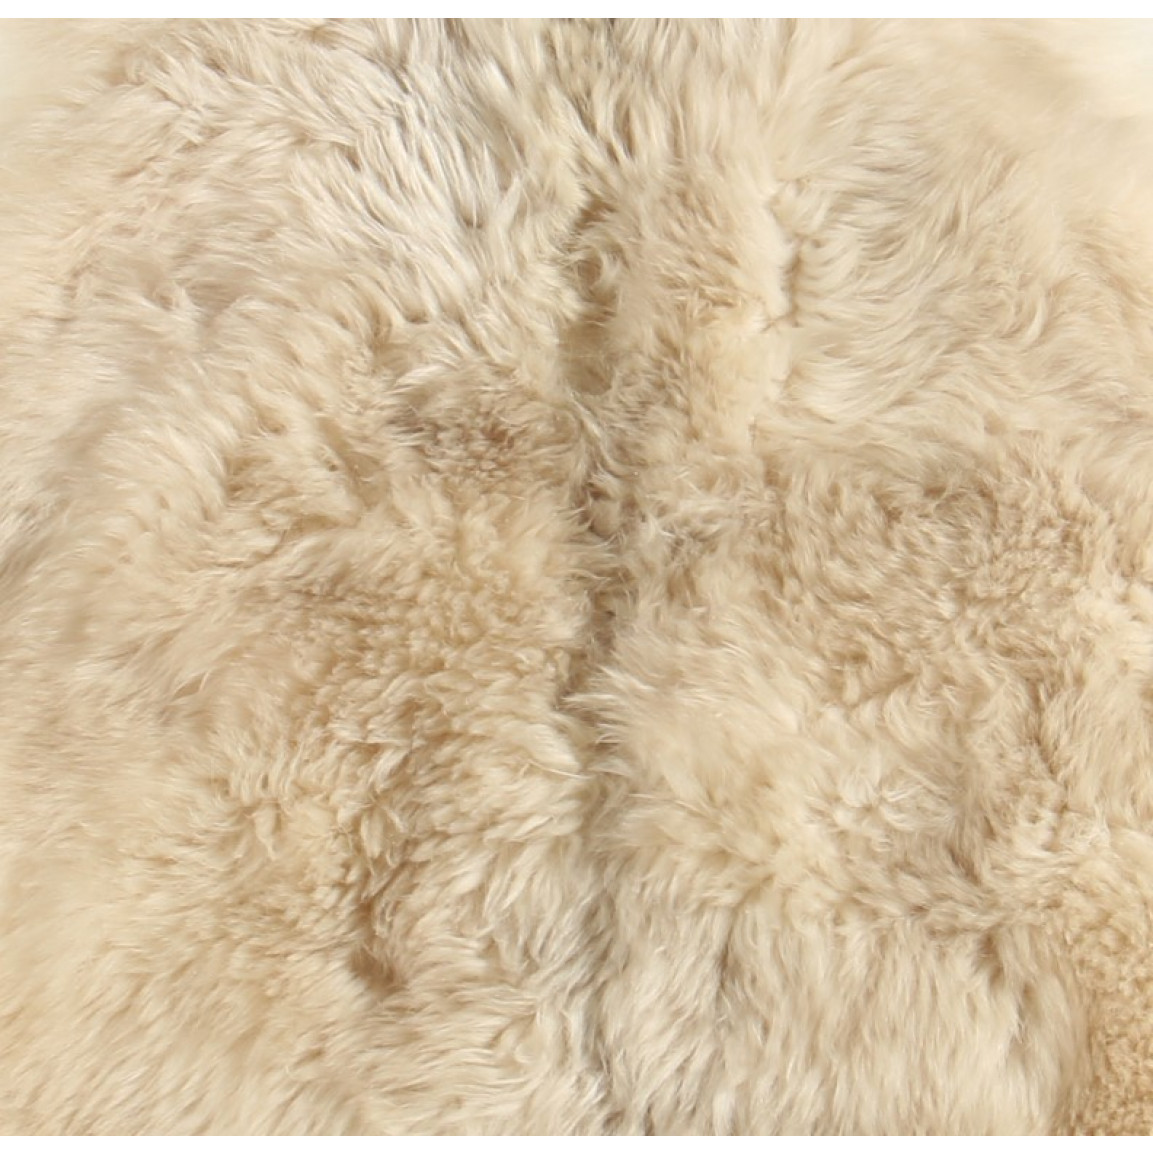 Schaf-Teppich Wild Long Hair   Weiß